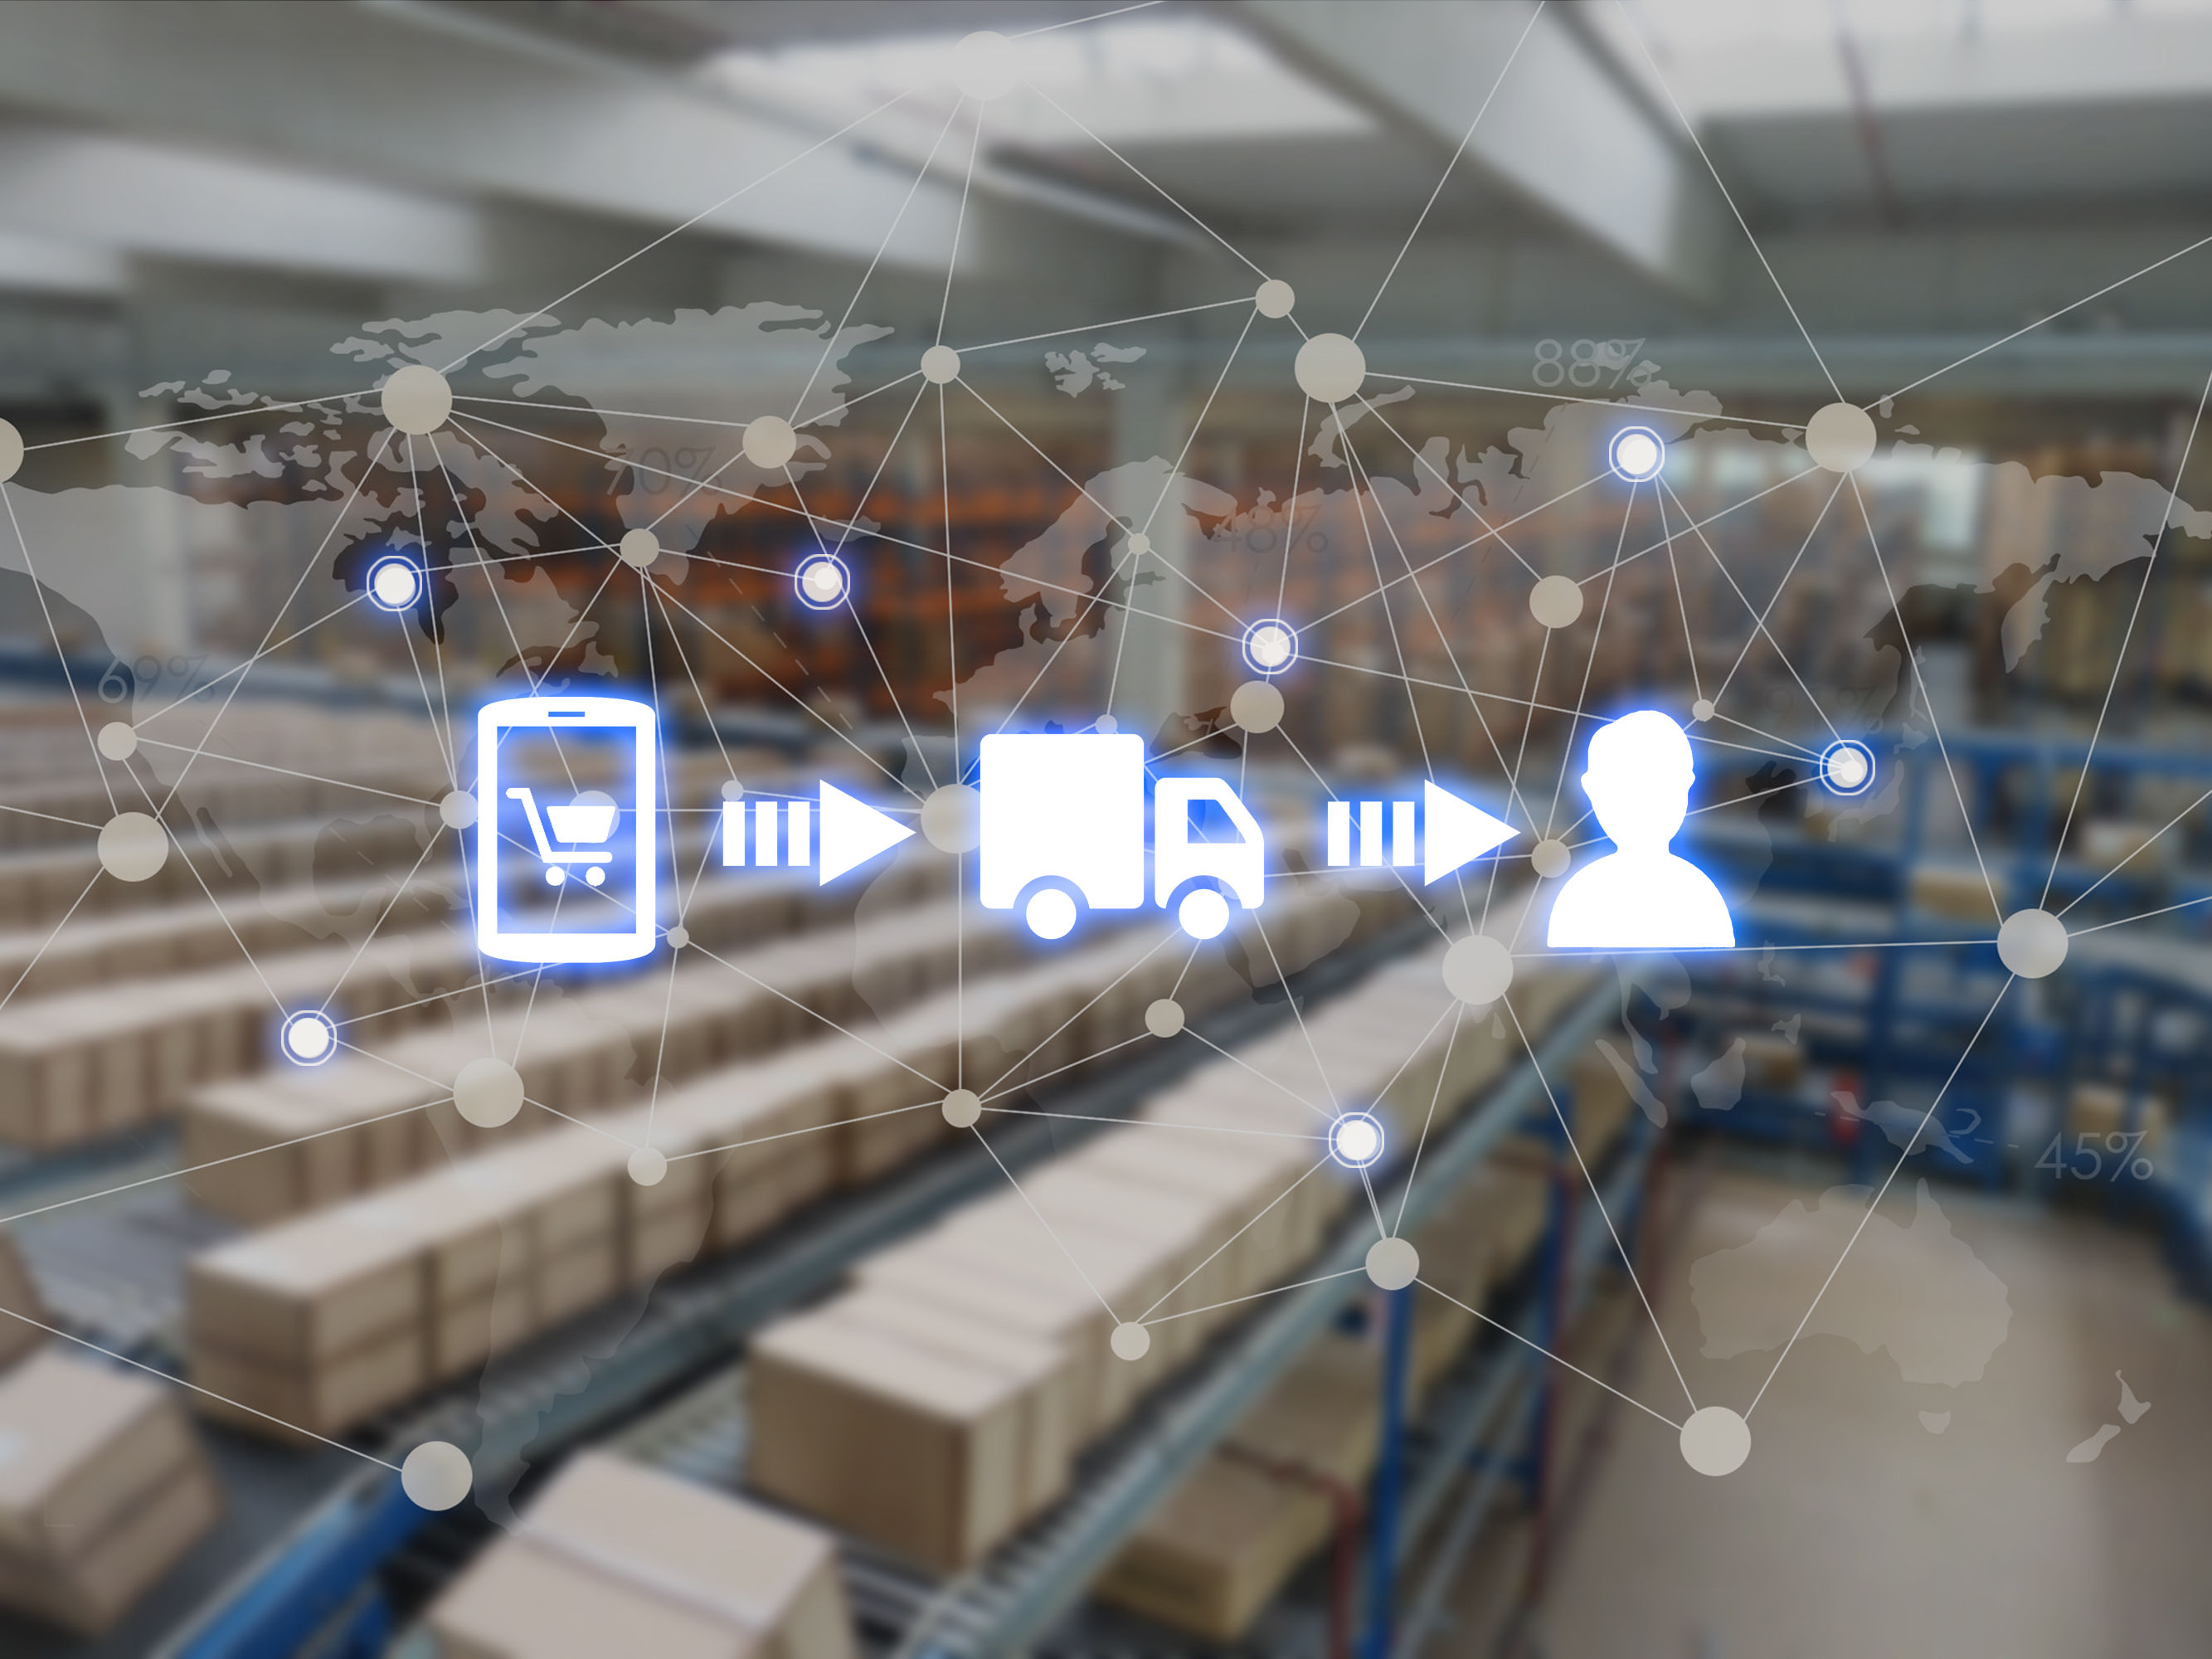 供应链管理五要素如何平衡:运营费用、产能、库存、交货时间、产品组合